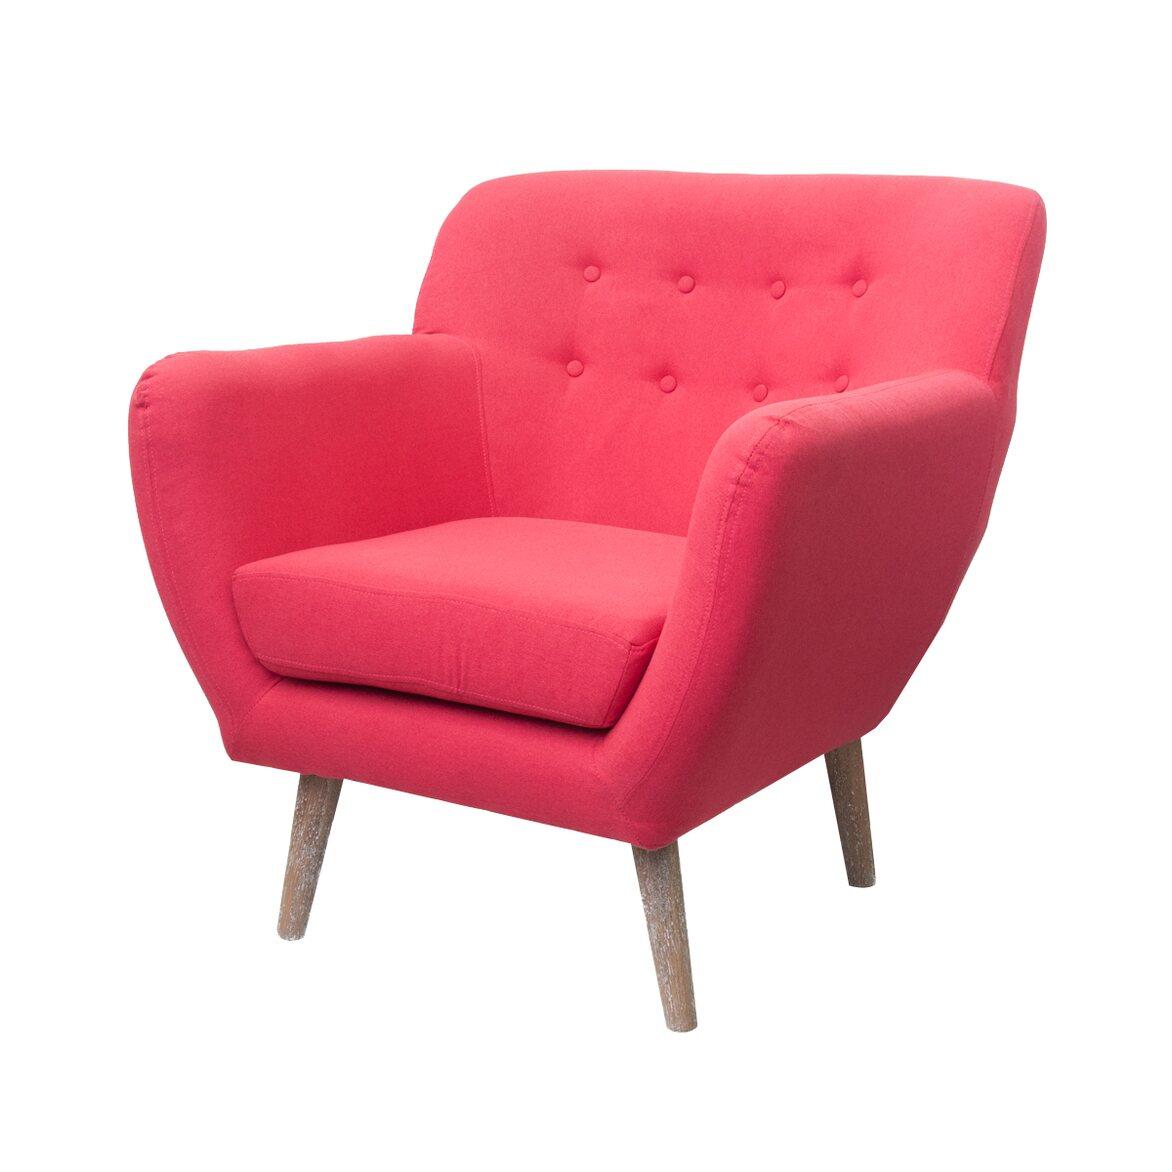 Низкое кресло Fuller red 4   Маленькие кресла Kingsby